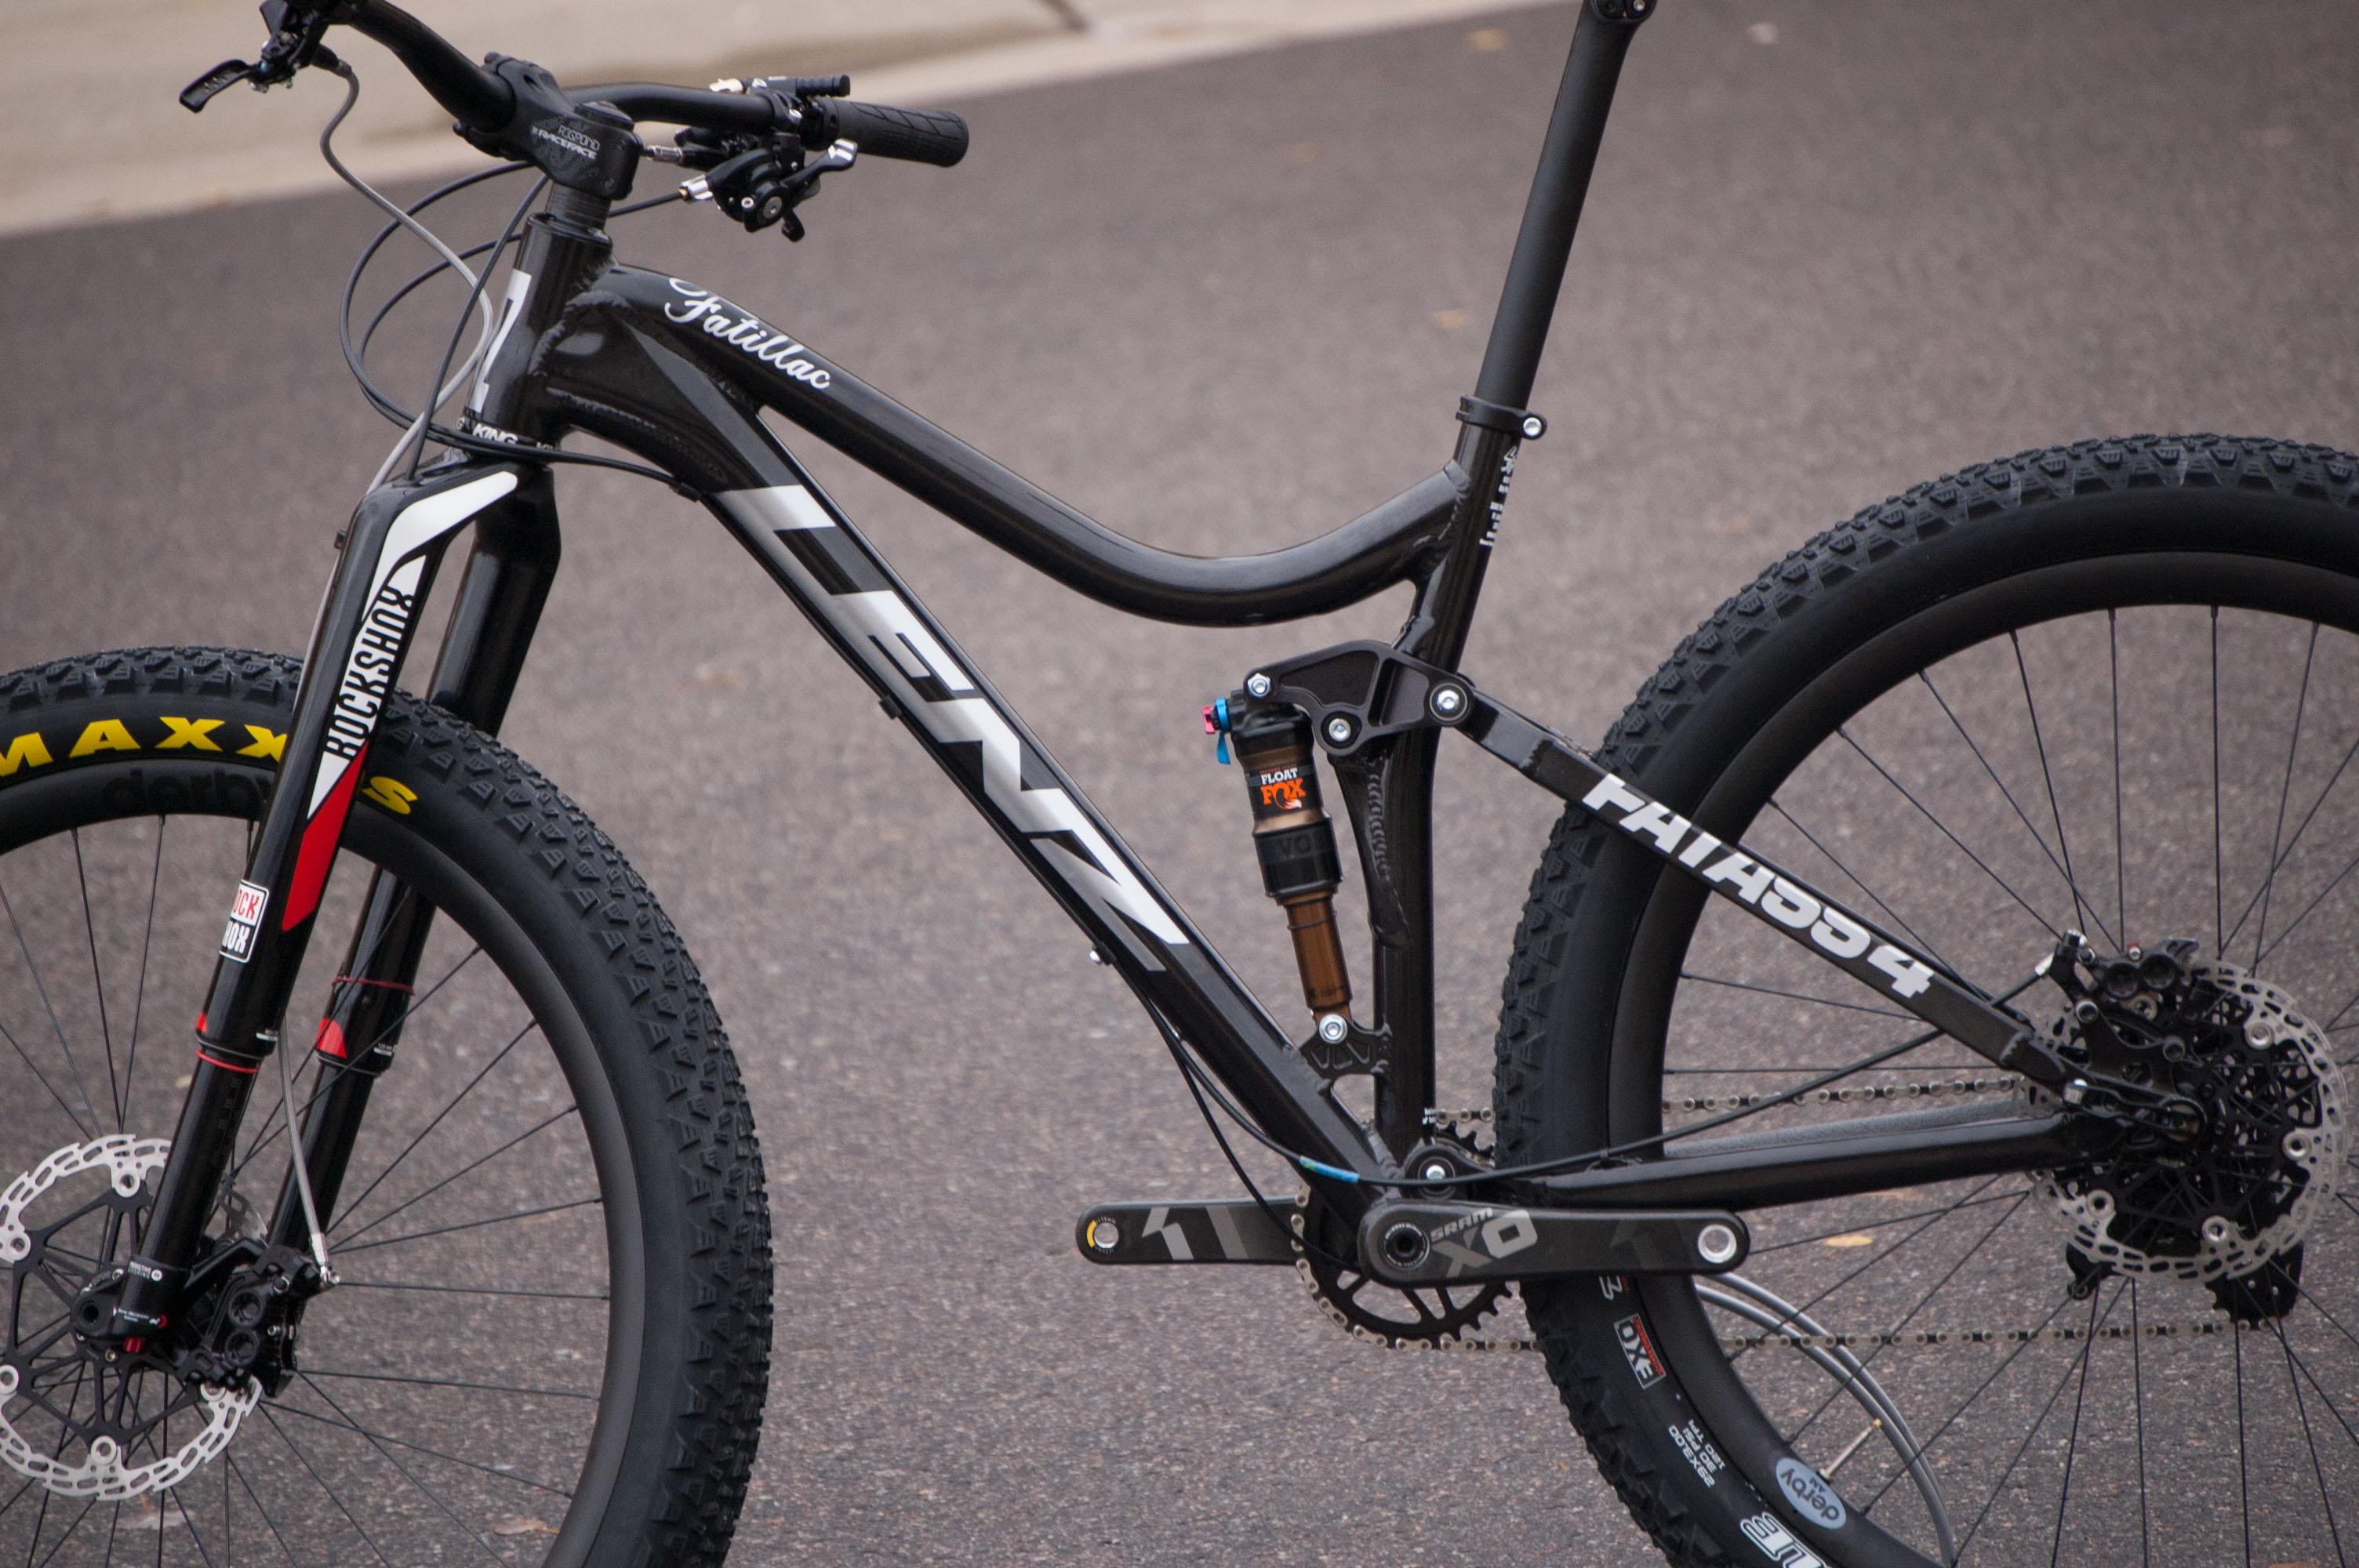 Fatillac 29+ black silver ezra-3